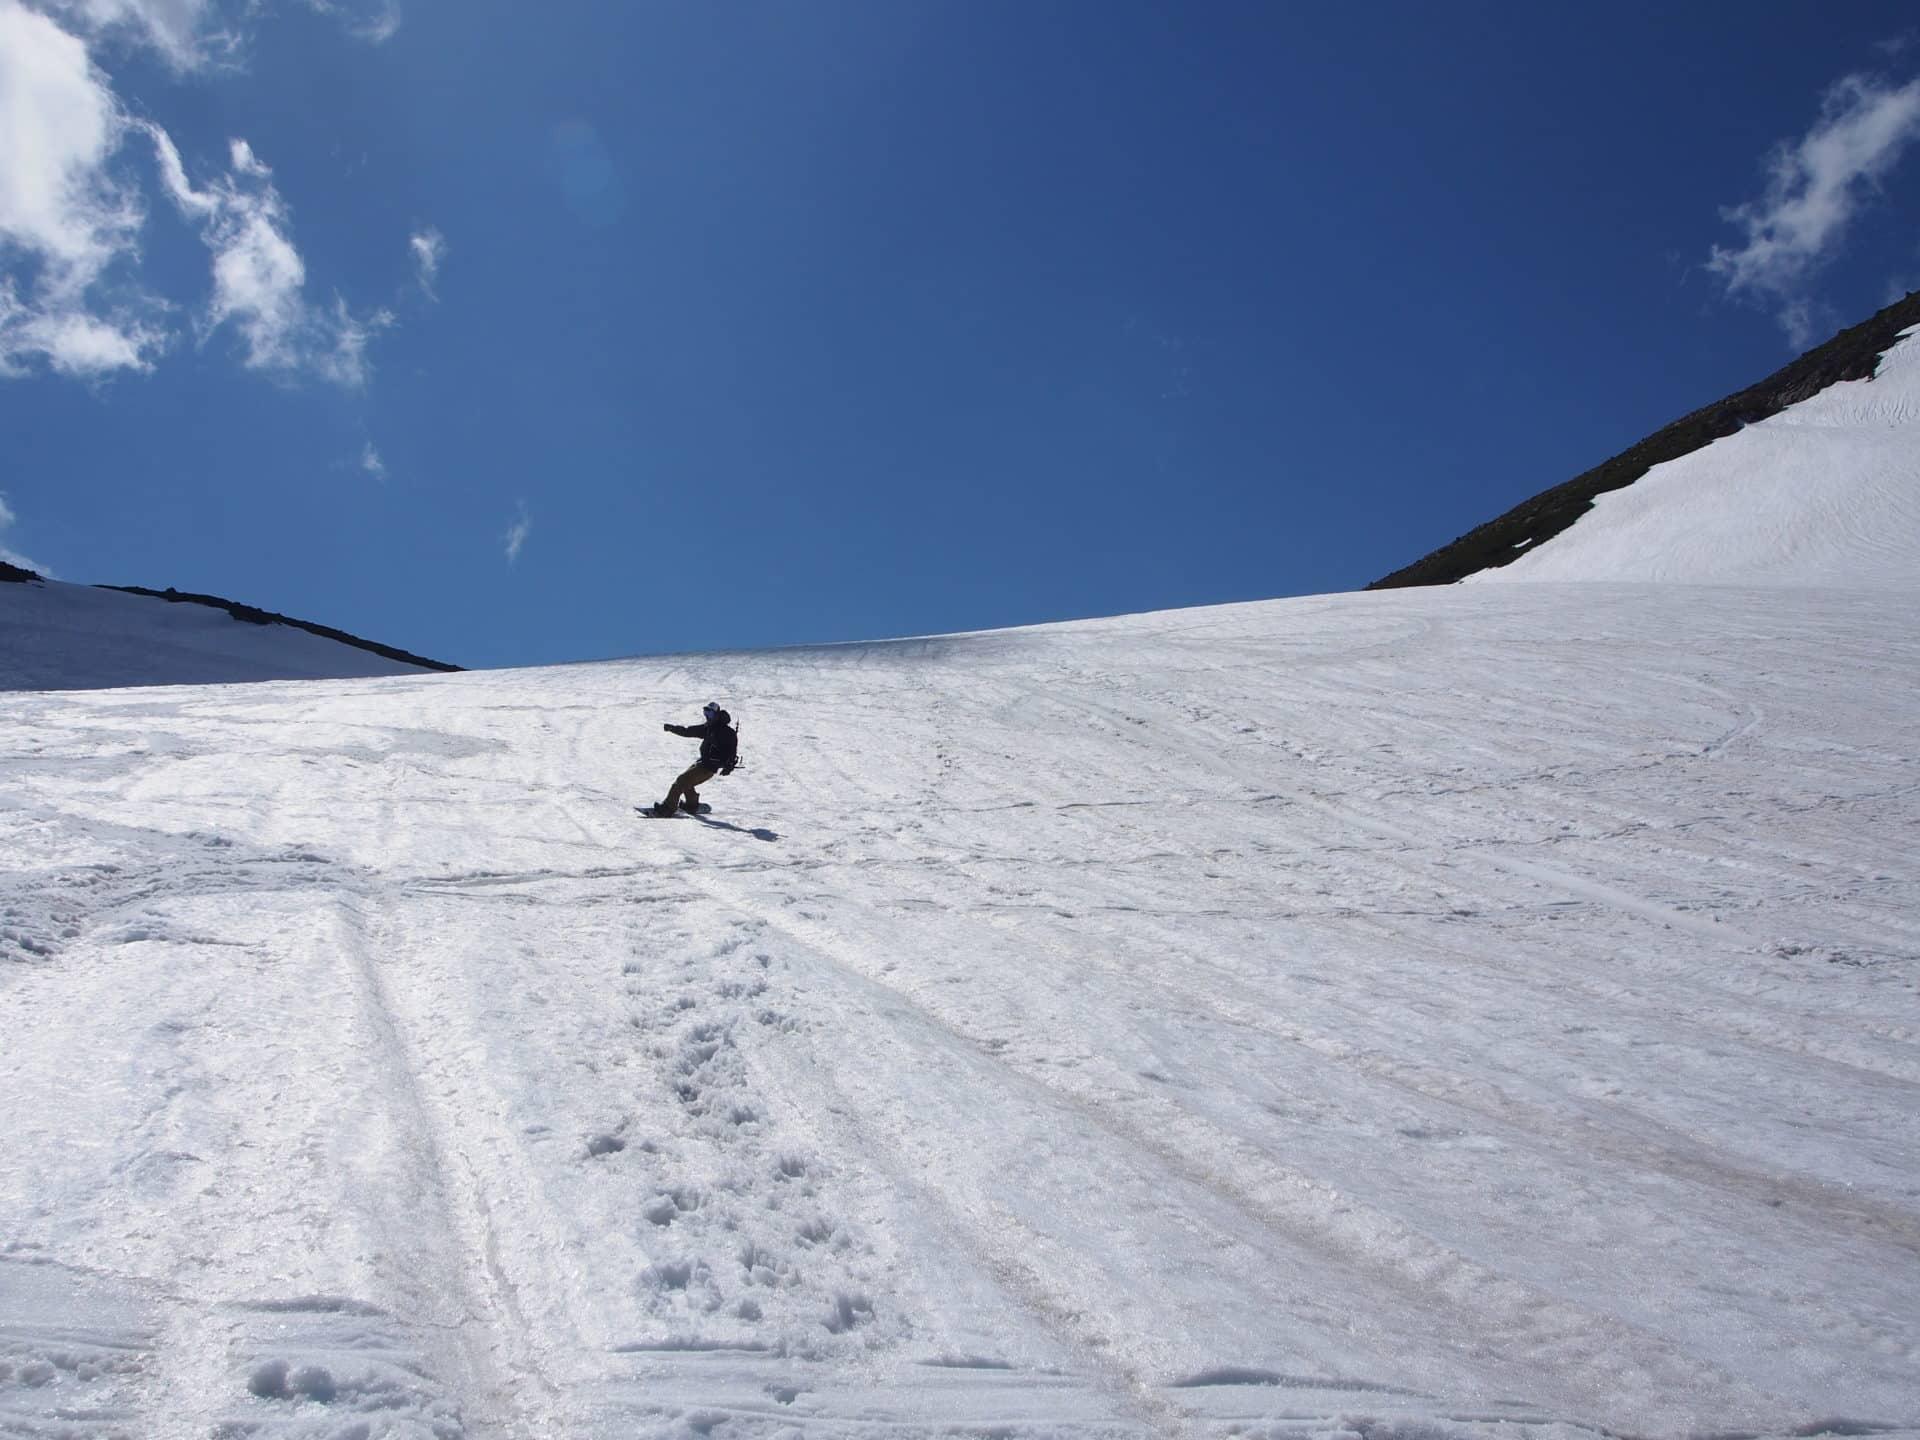 1-day Backcountry Ski Tour in Mt Norikura